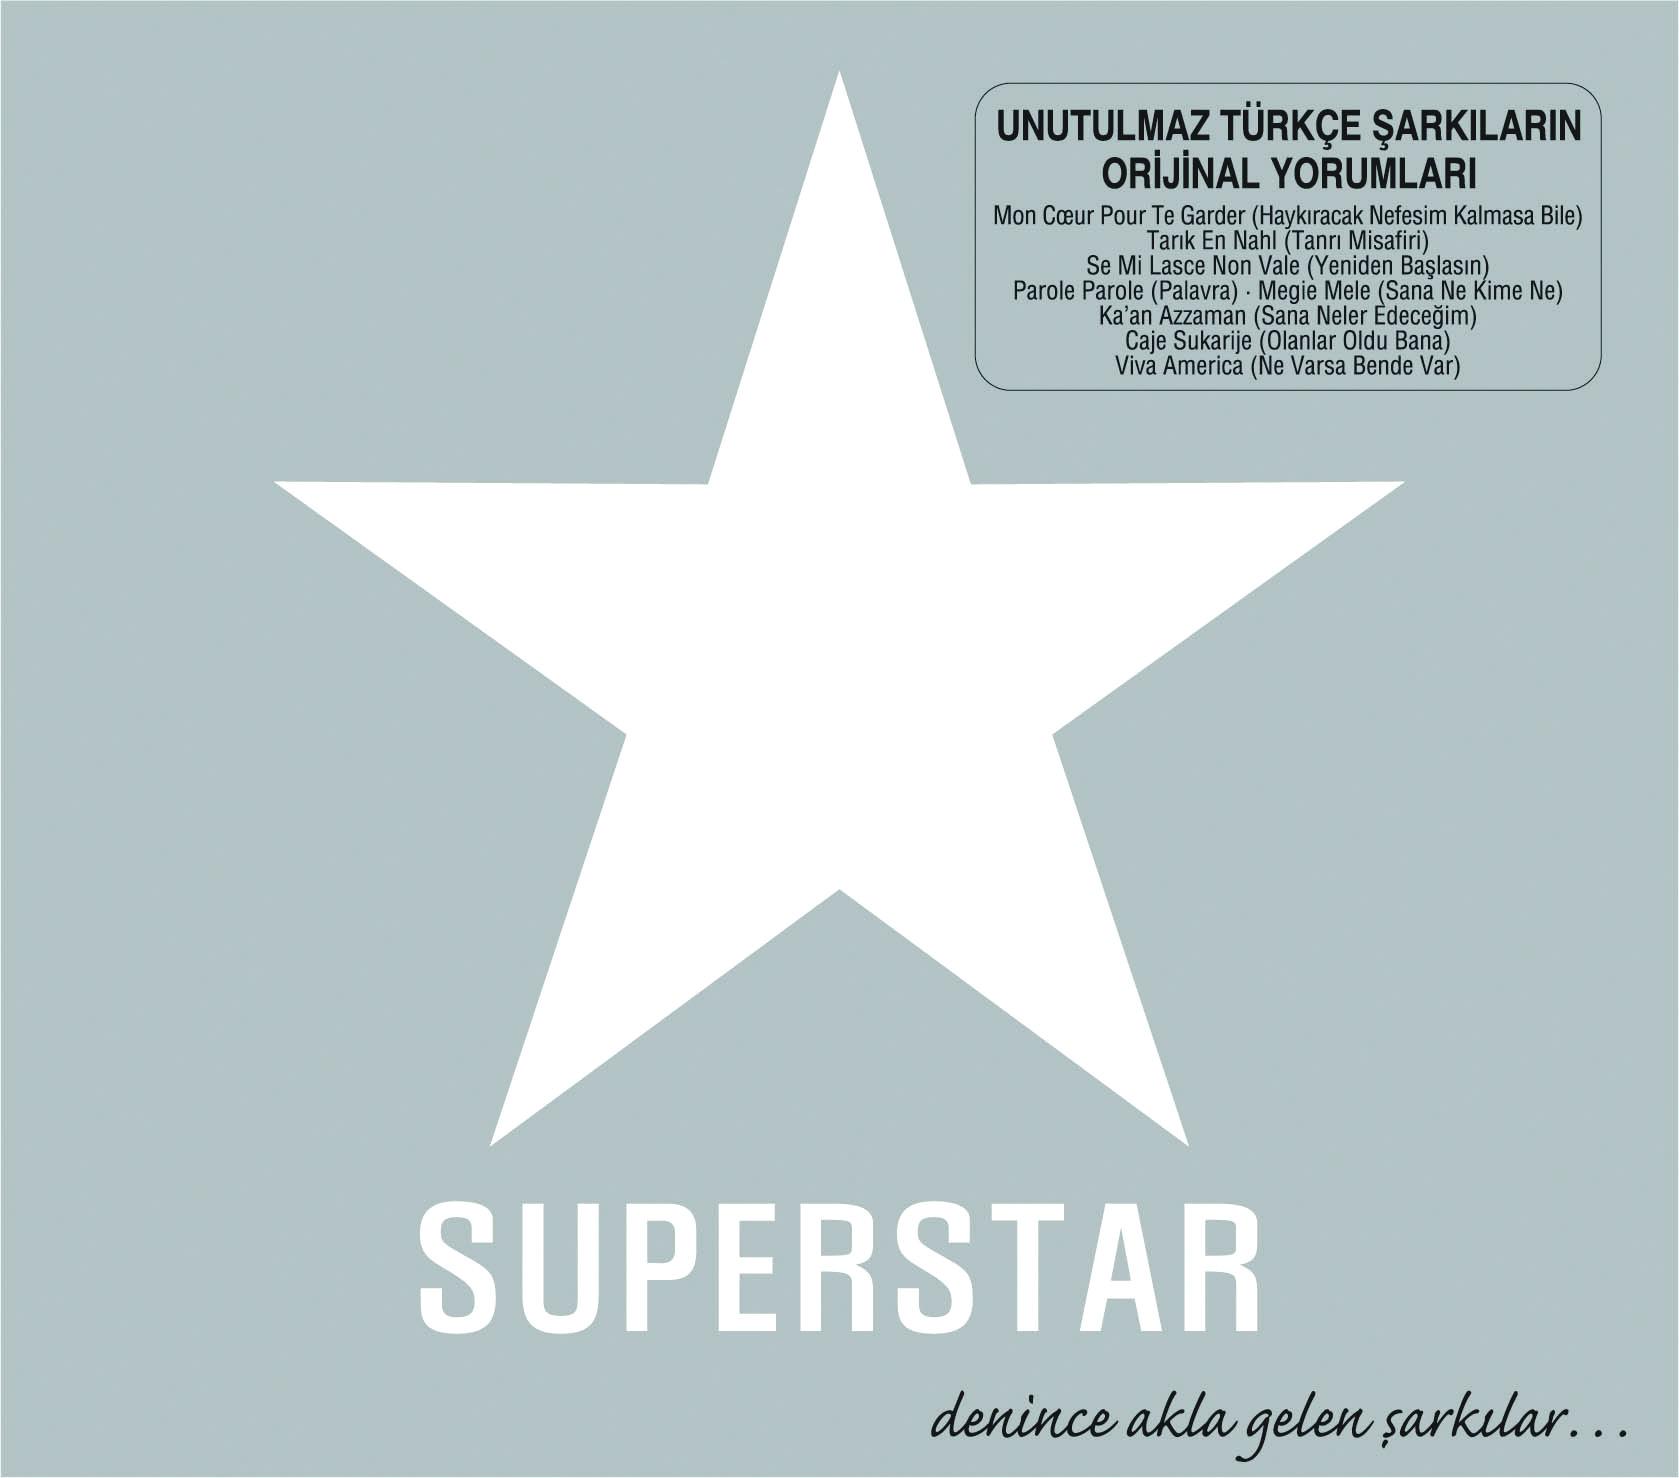 SUPERSTAR Unutulmaz Türkçe şarkıların orijinal yorumları (Artist)